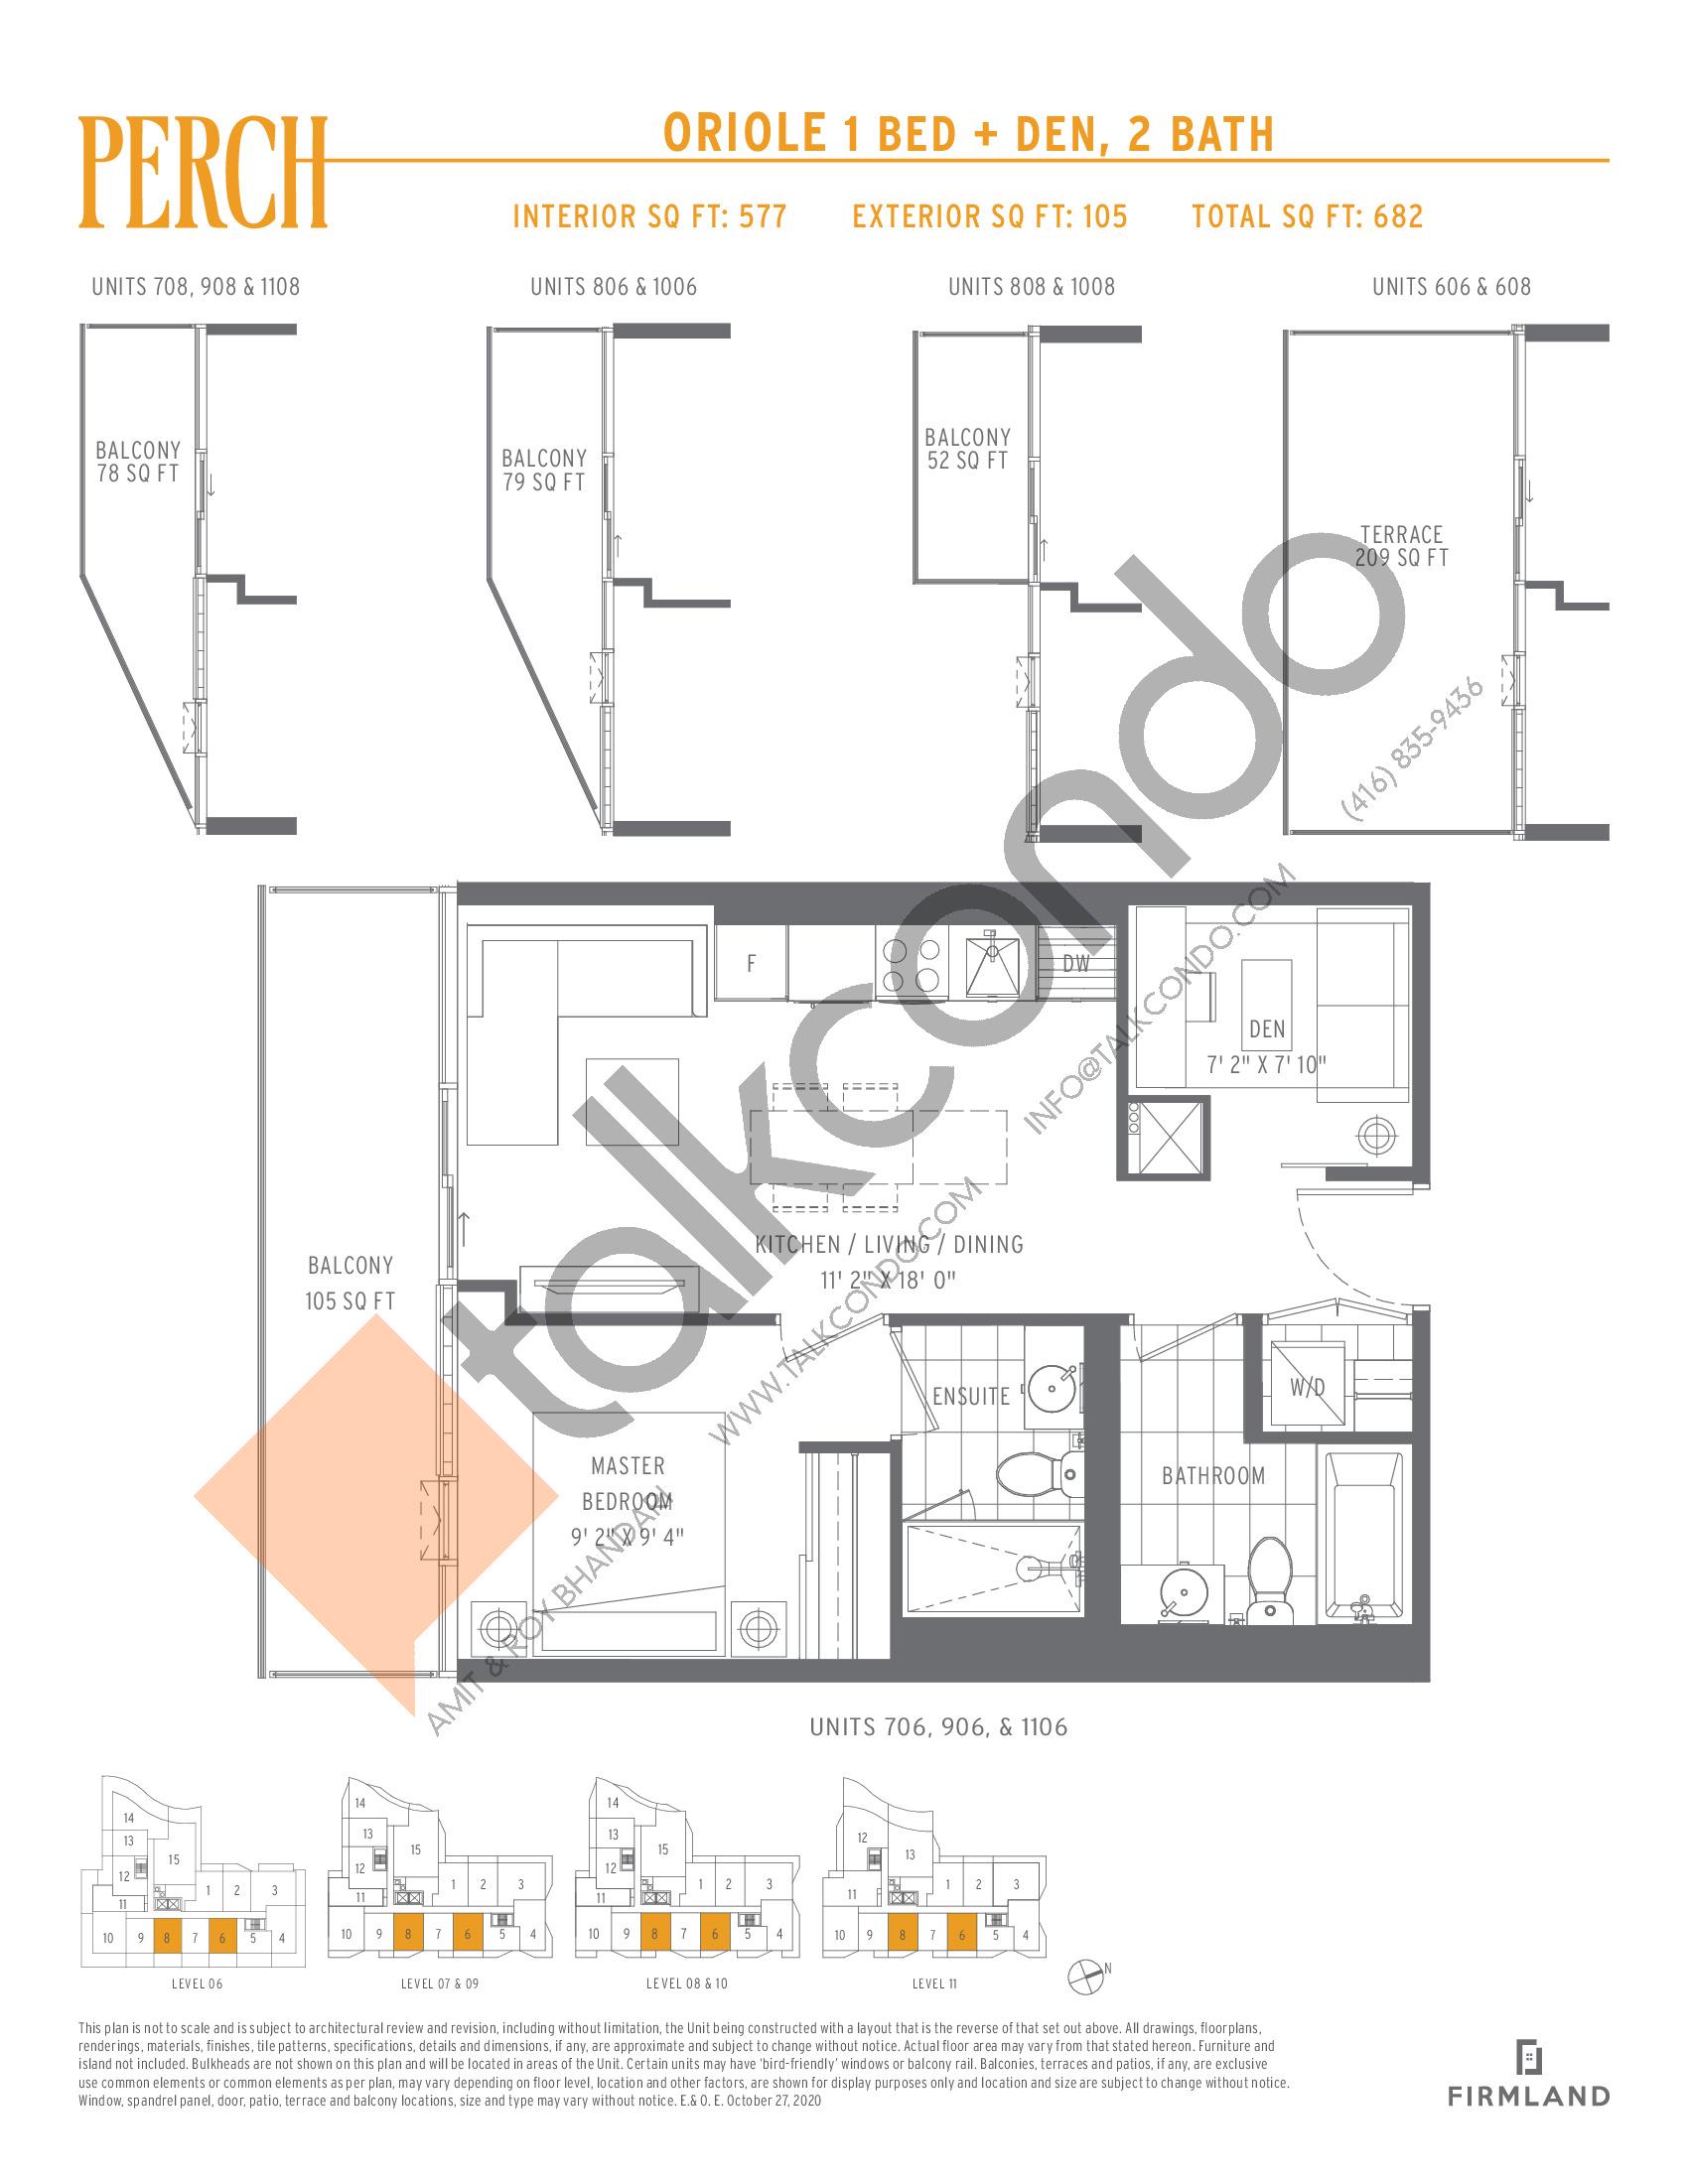 Oriole Floor Plan at Perch Condos - 577 sq.ft